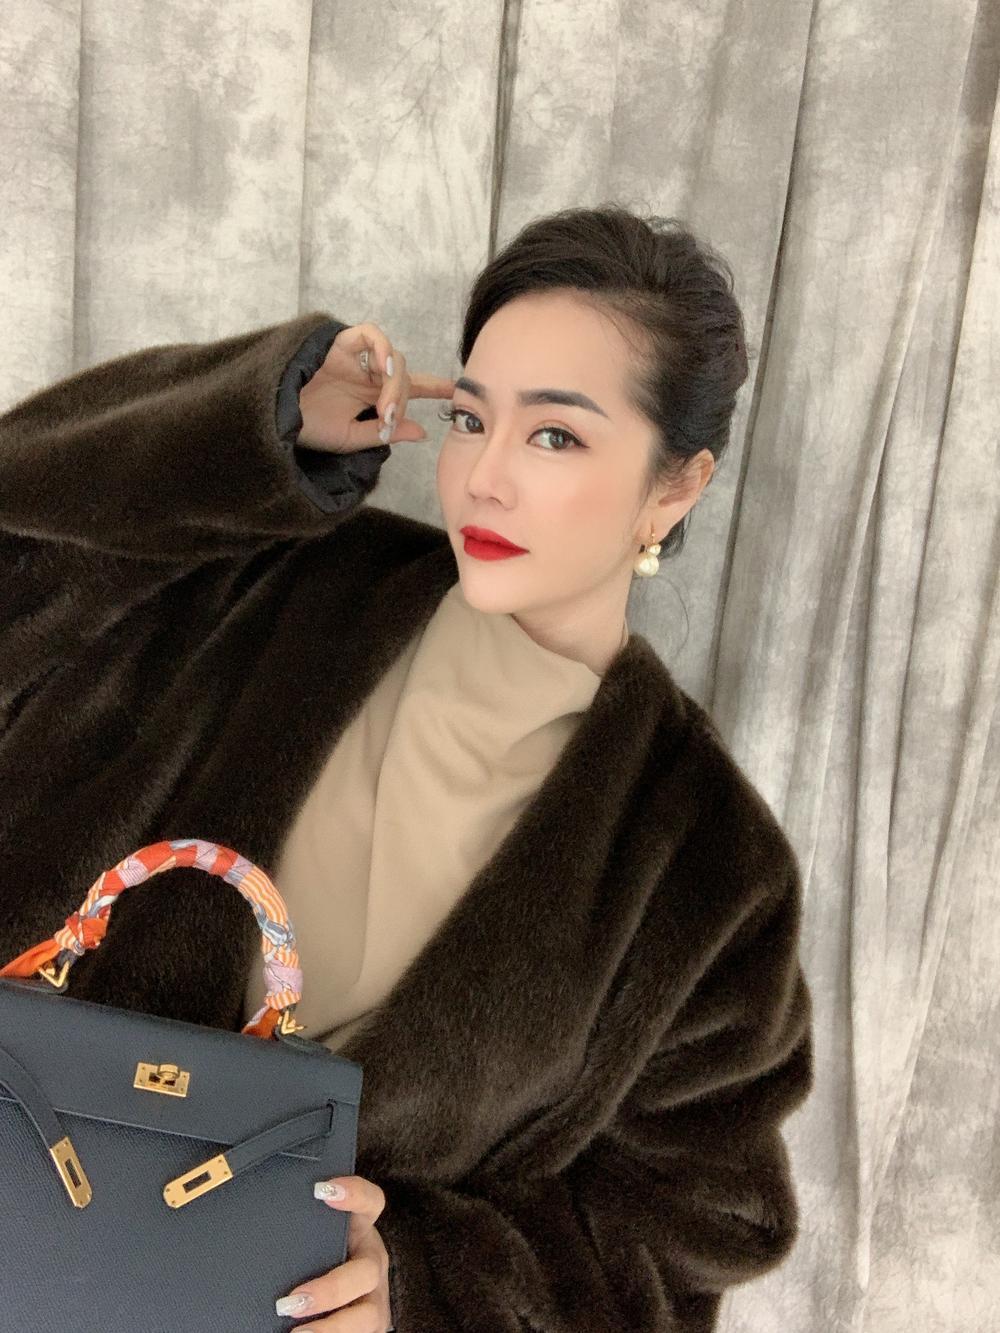 Đỗ Thị Như Quỳnh: Nữ doanh nhân kinh doanh online, có tấm lòng thiện nguyện cao cả Ảnh 2